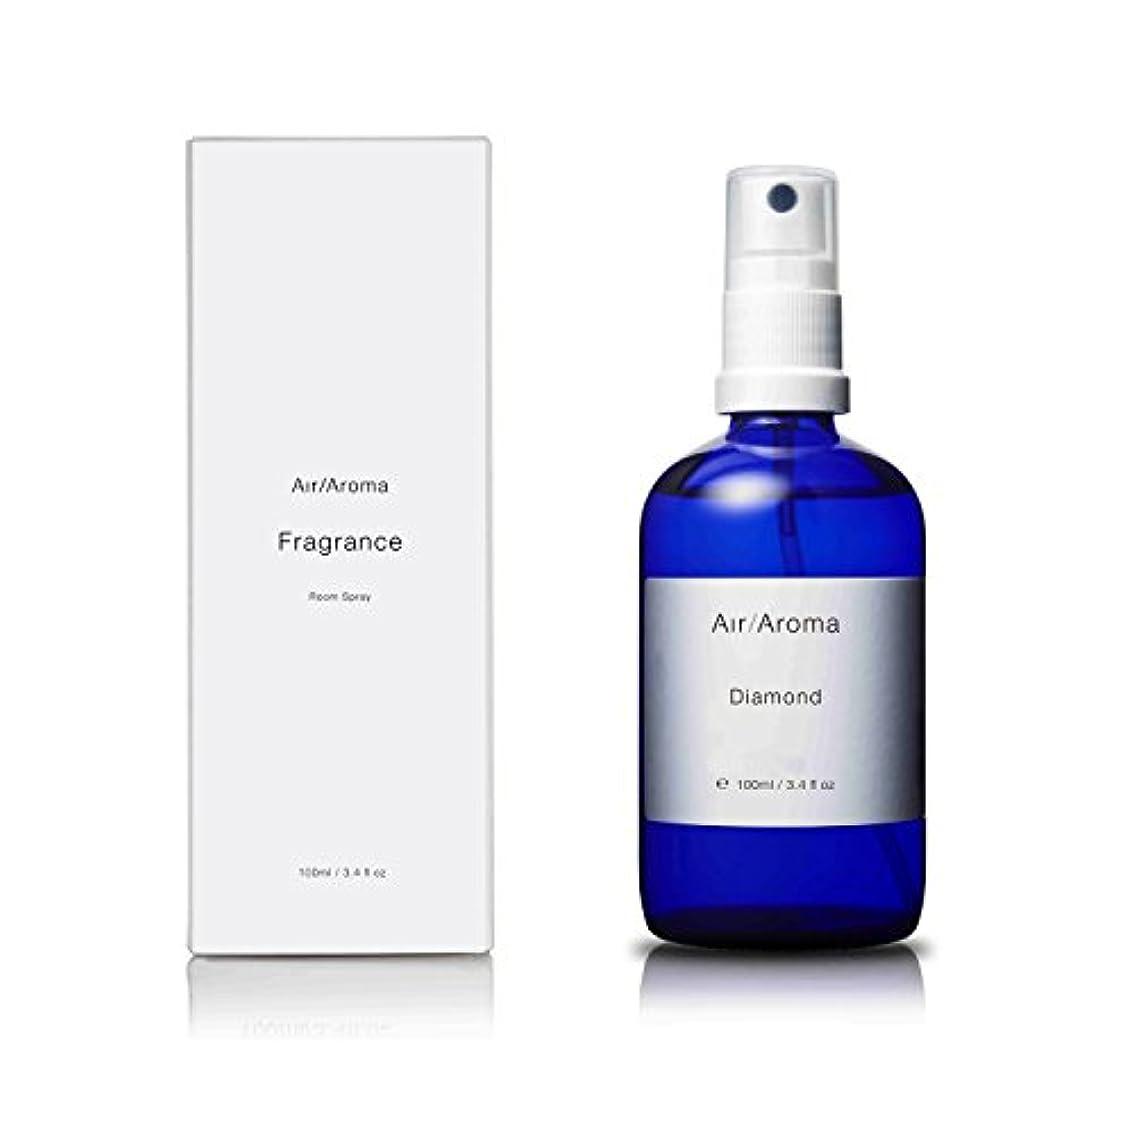 マイル印象的ポールエアアロマ diamond room fragrance (ダイアモンド ルームフレグランス) 100ml